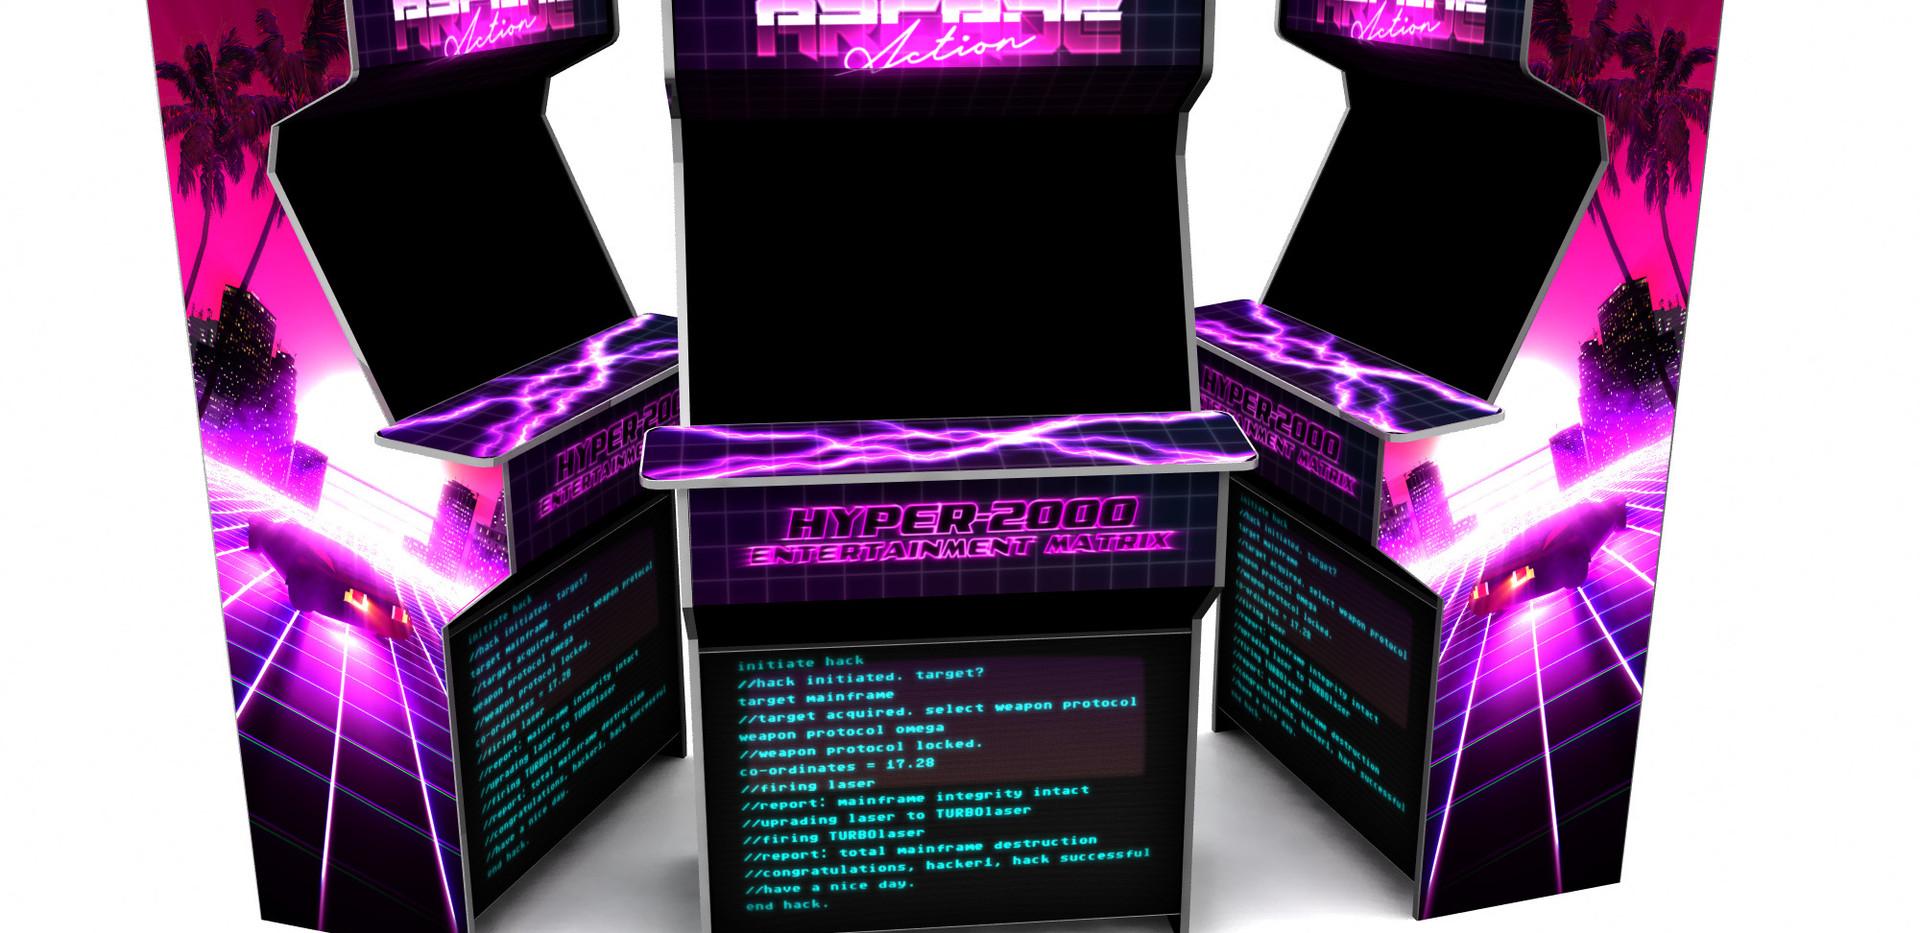 vaoprwave 80's arcade machine